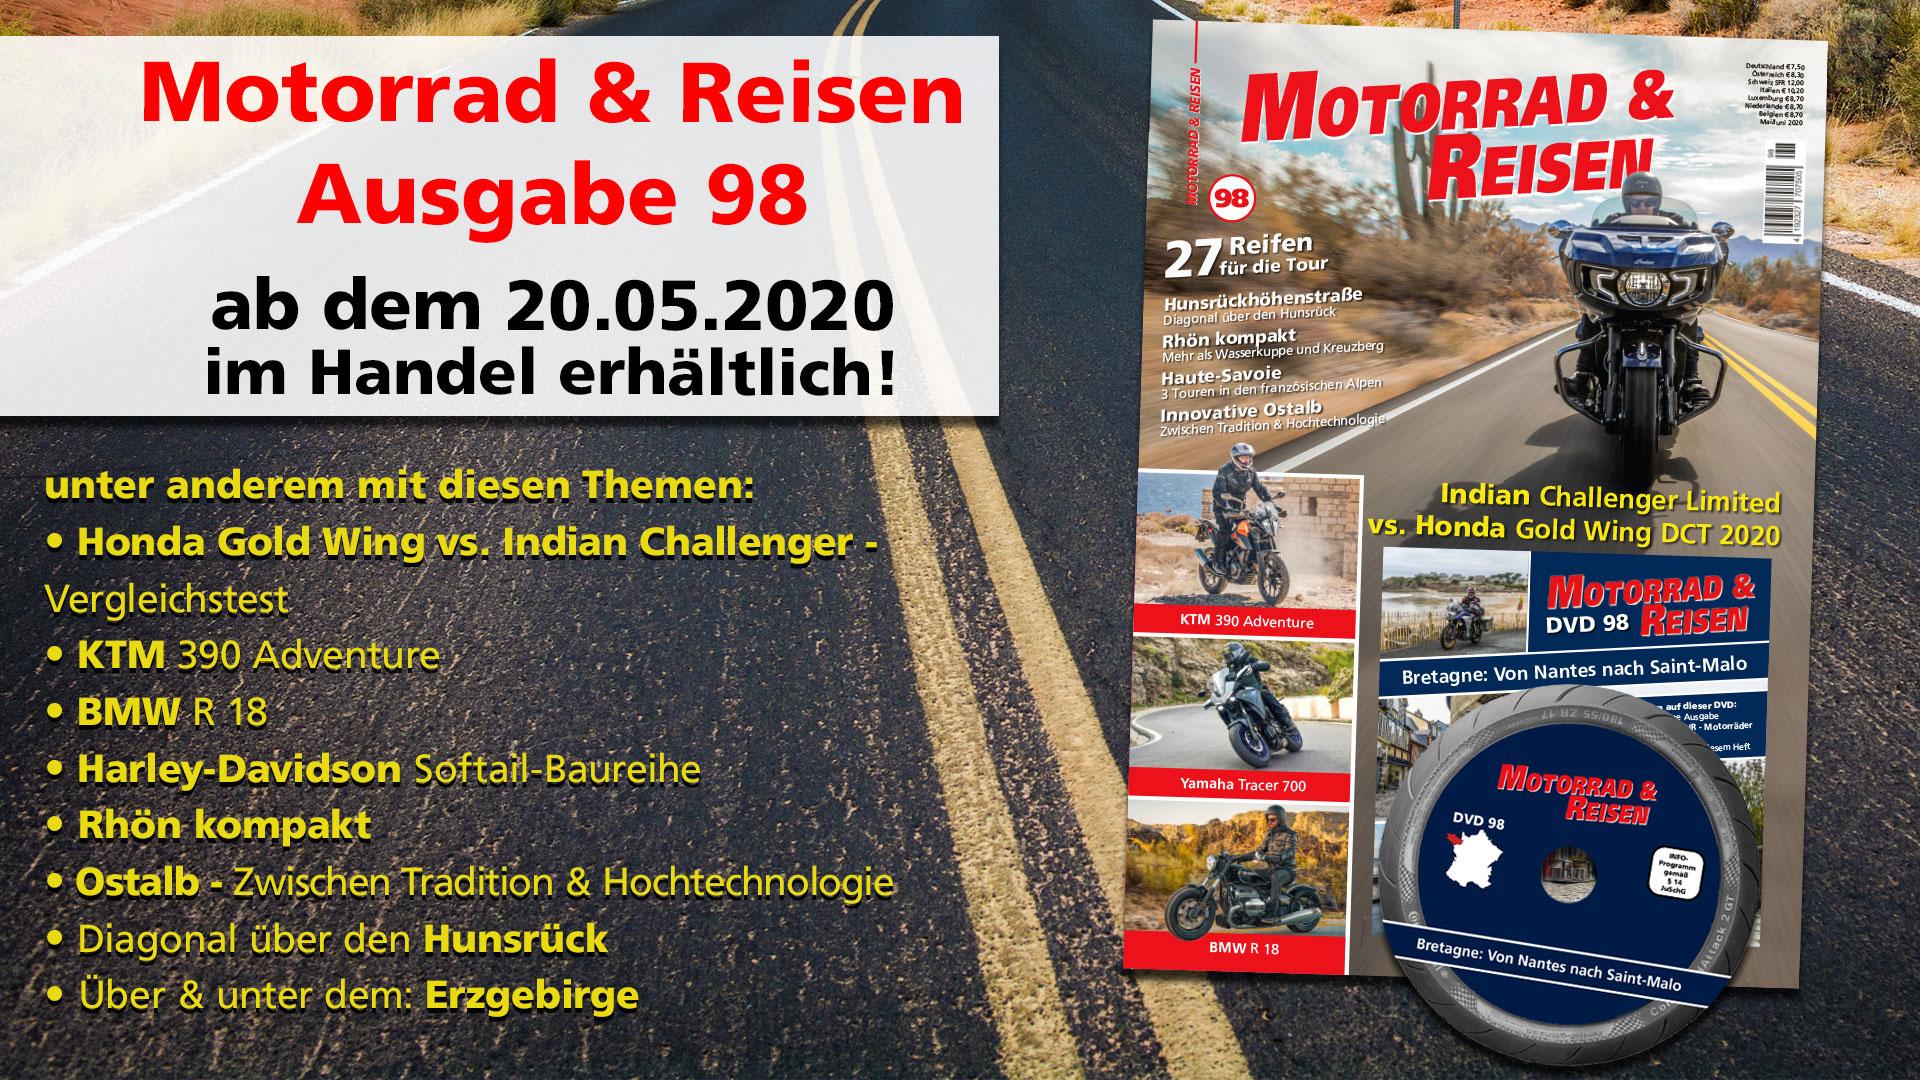 Motorrad & Reisen Ausgabe 98 optional mit DVD Bretagne